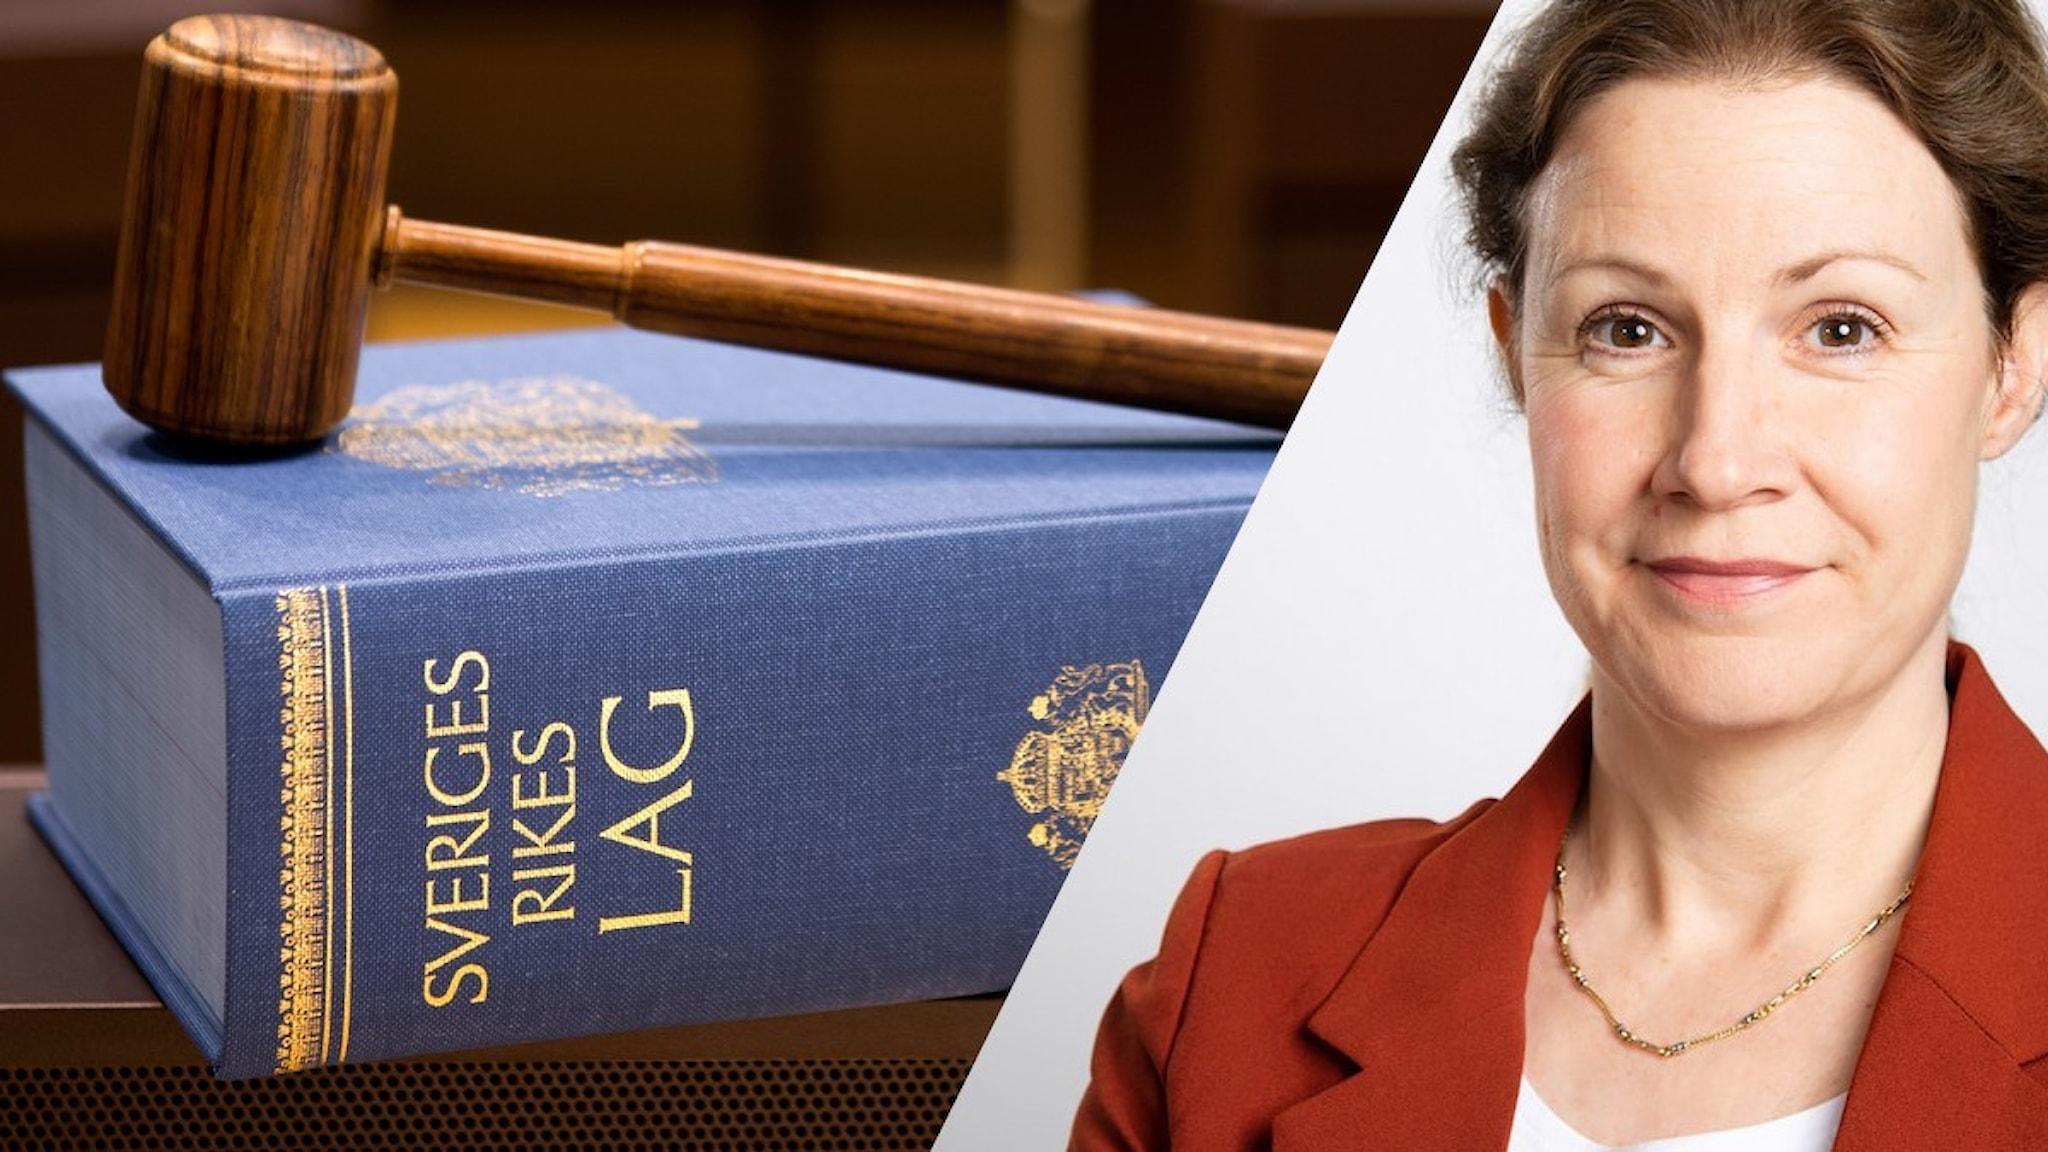 På bilden syns en lagbok, en domarklubba och ett porträtt av Christina Heilborn.